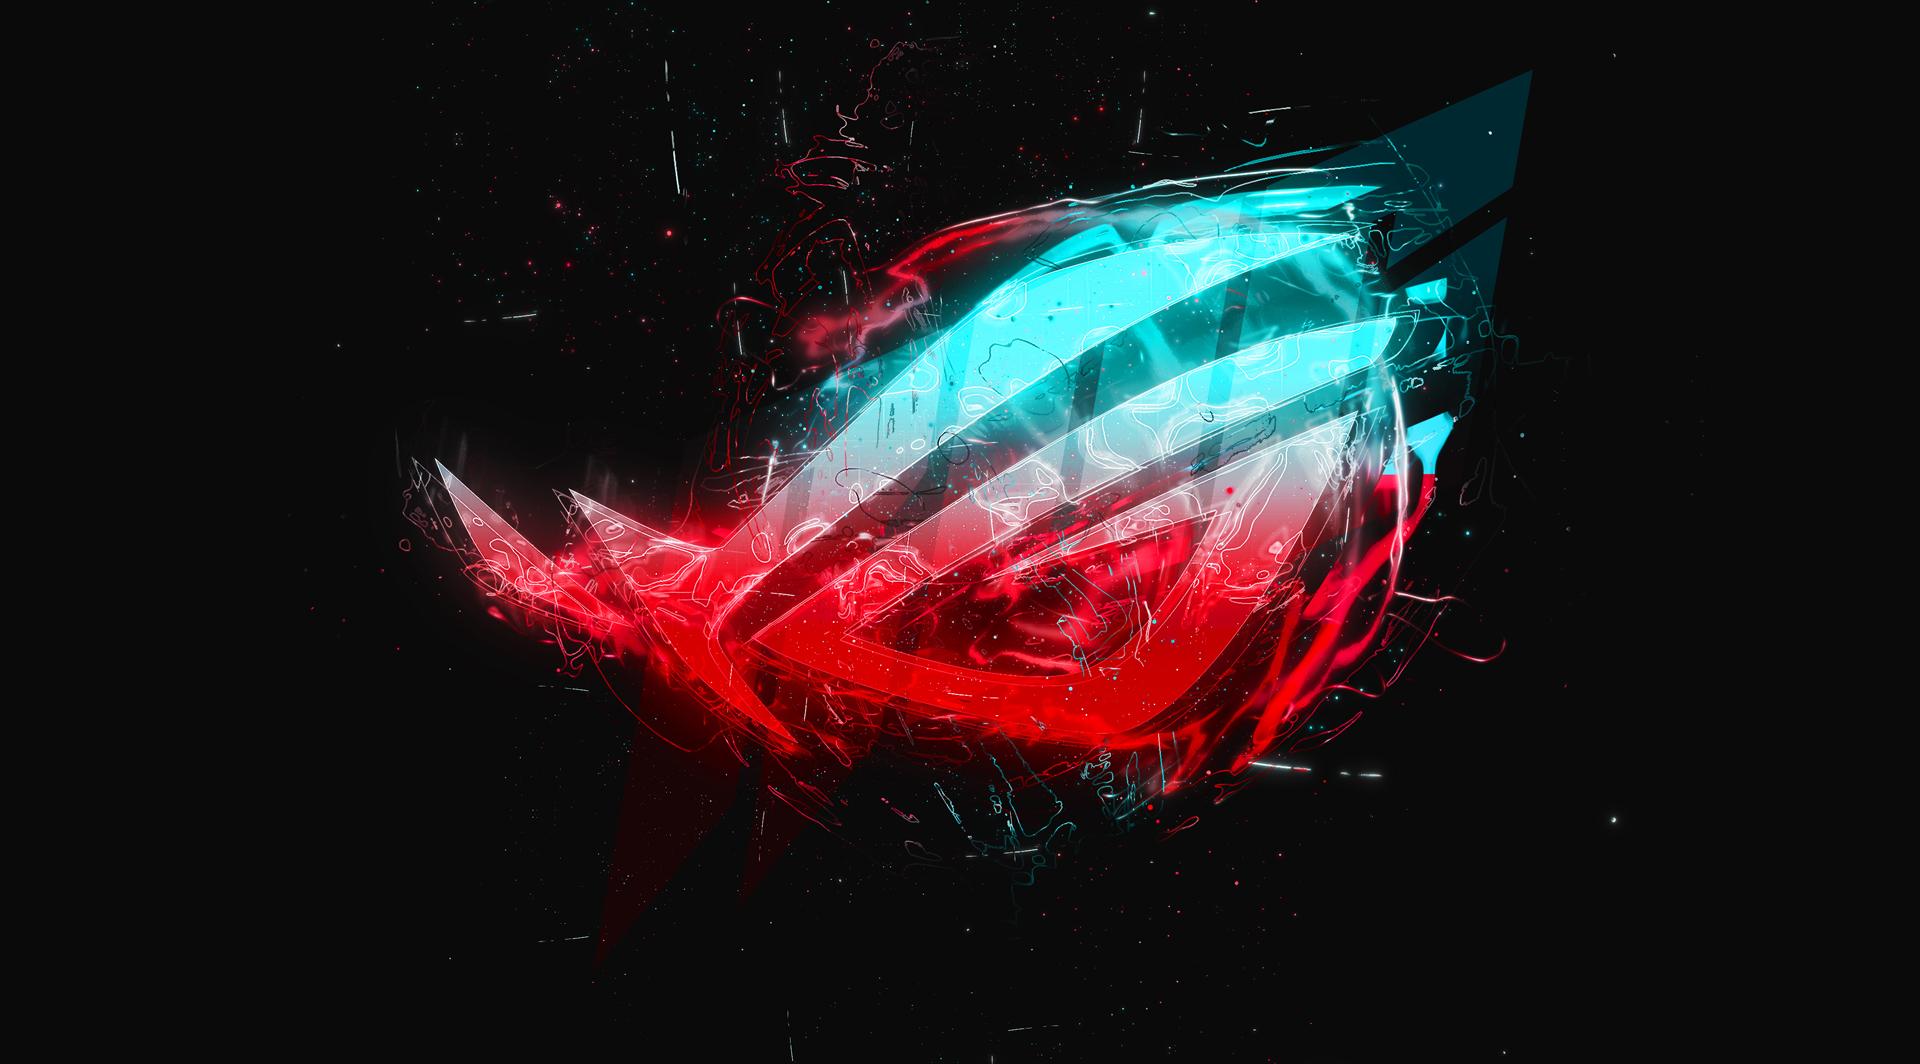 Asus Strix Wallpaper: ROG - Republic Of Gamers Global